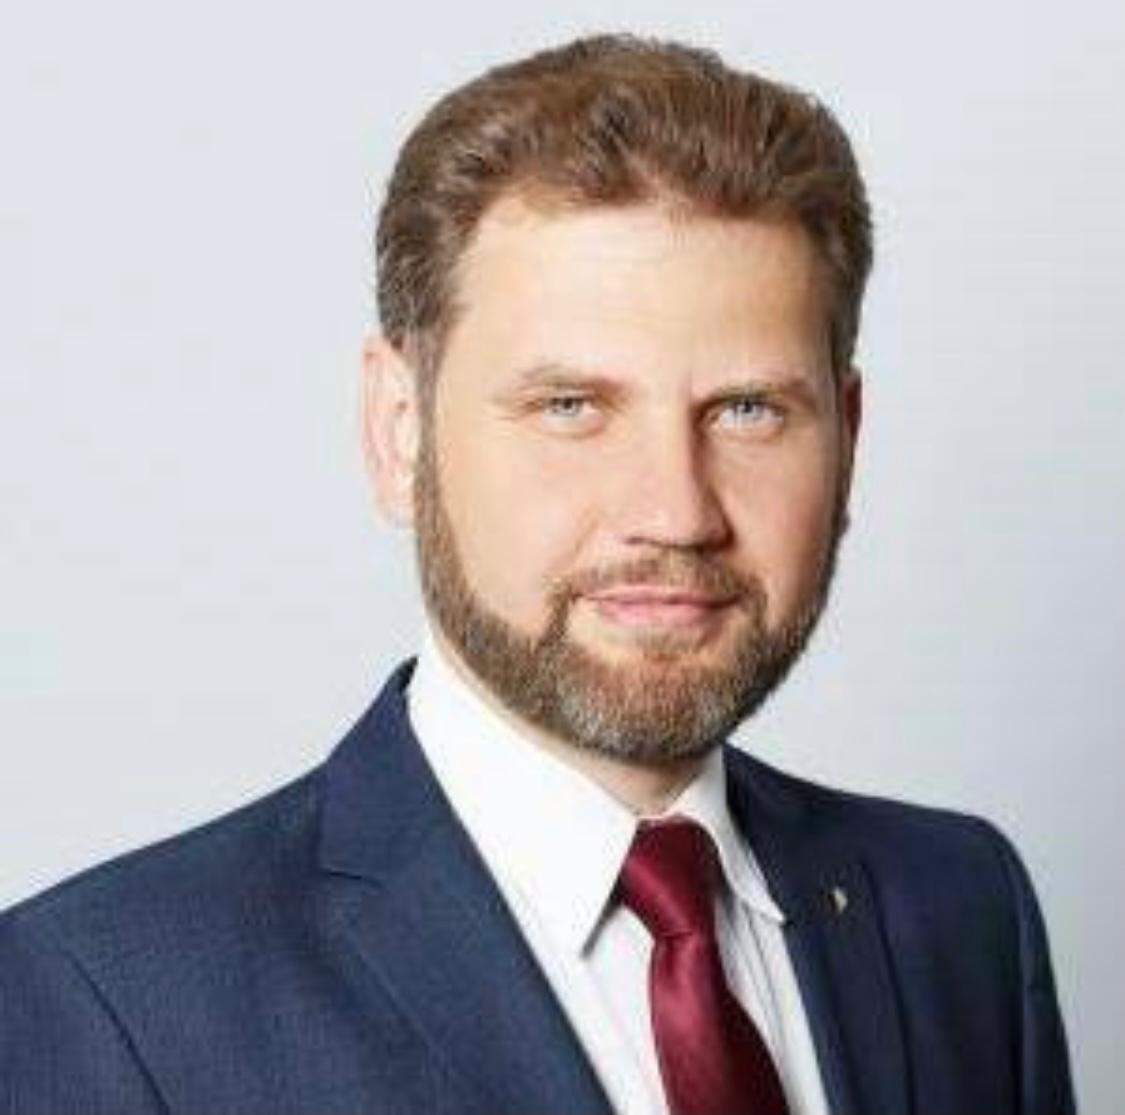 Yuriy Danko